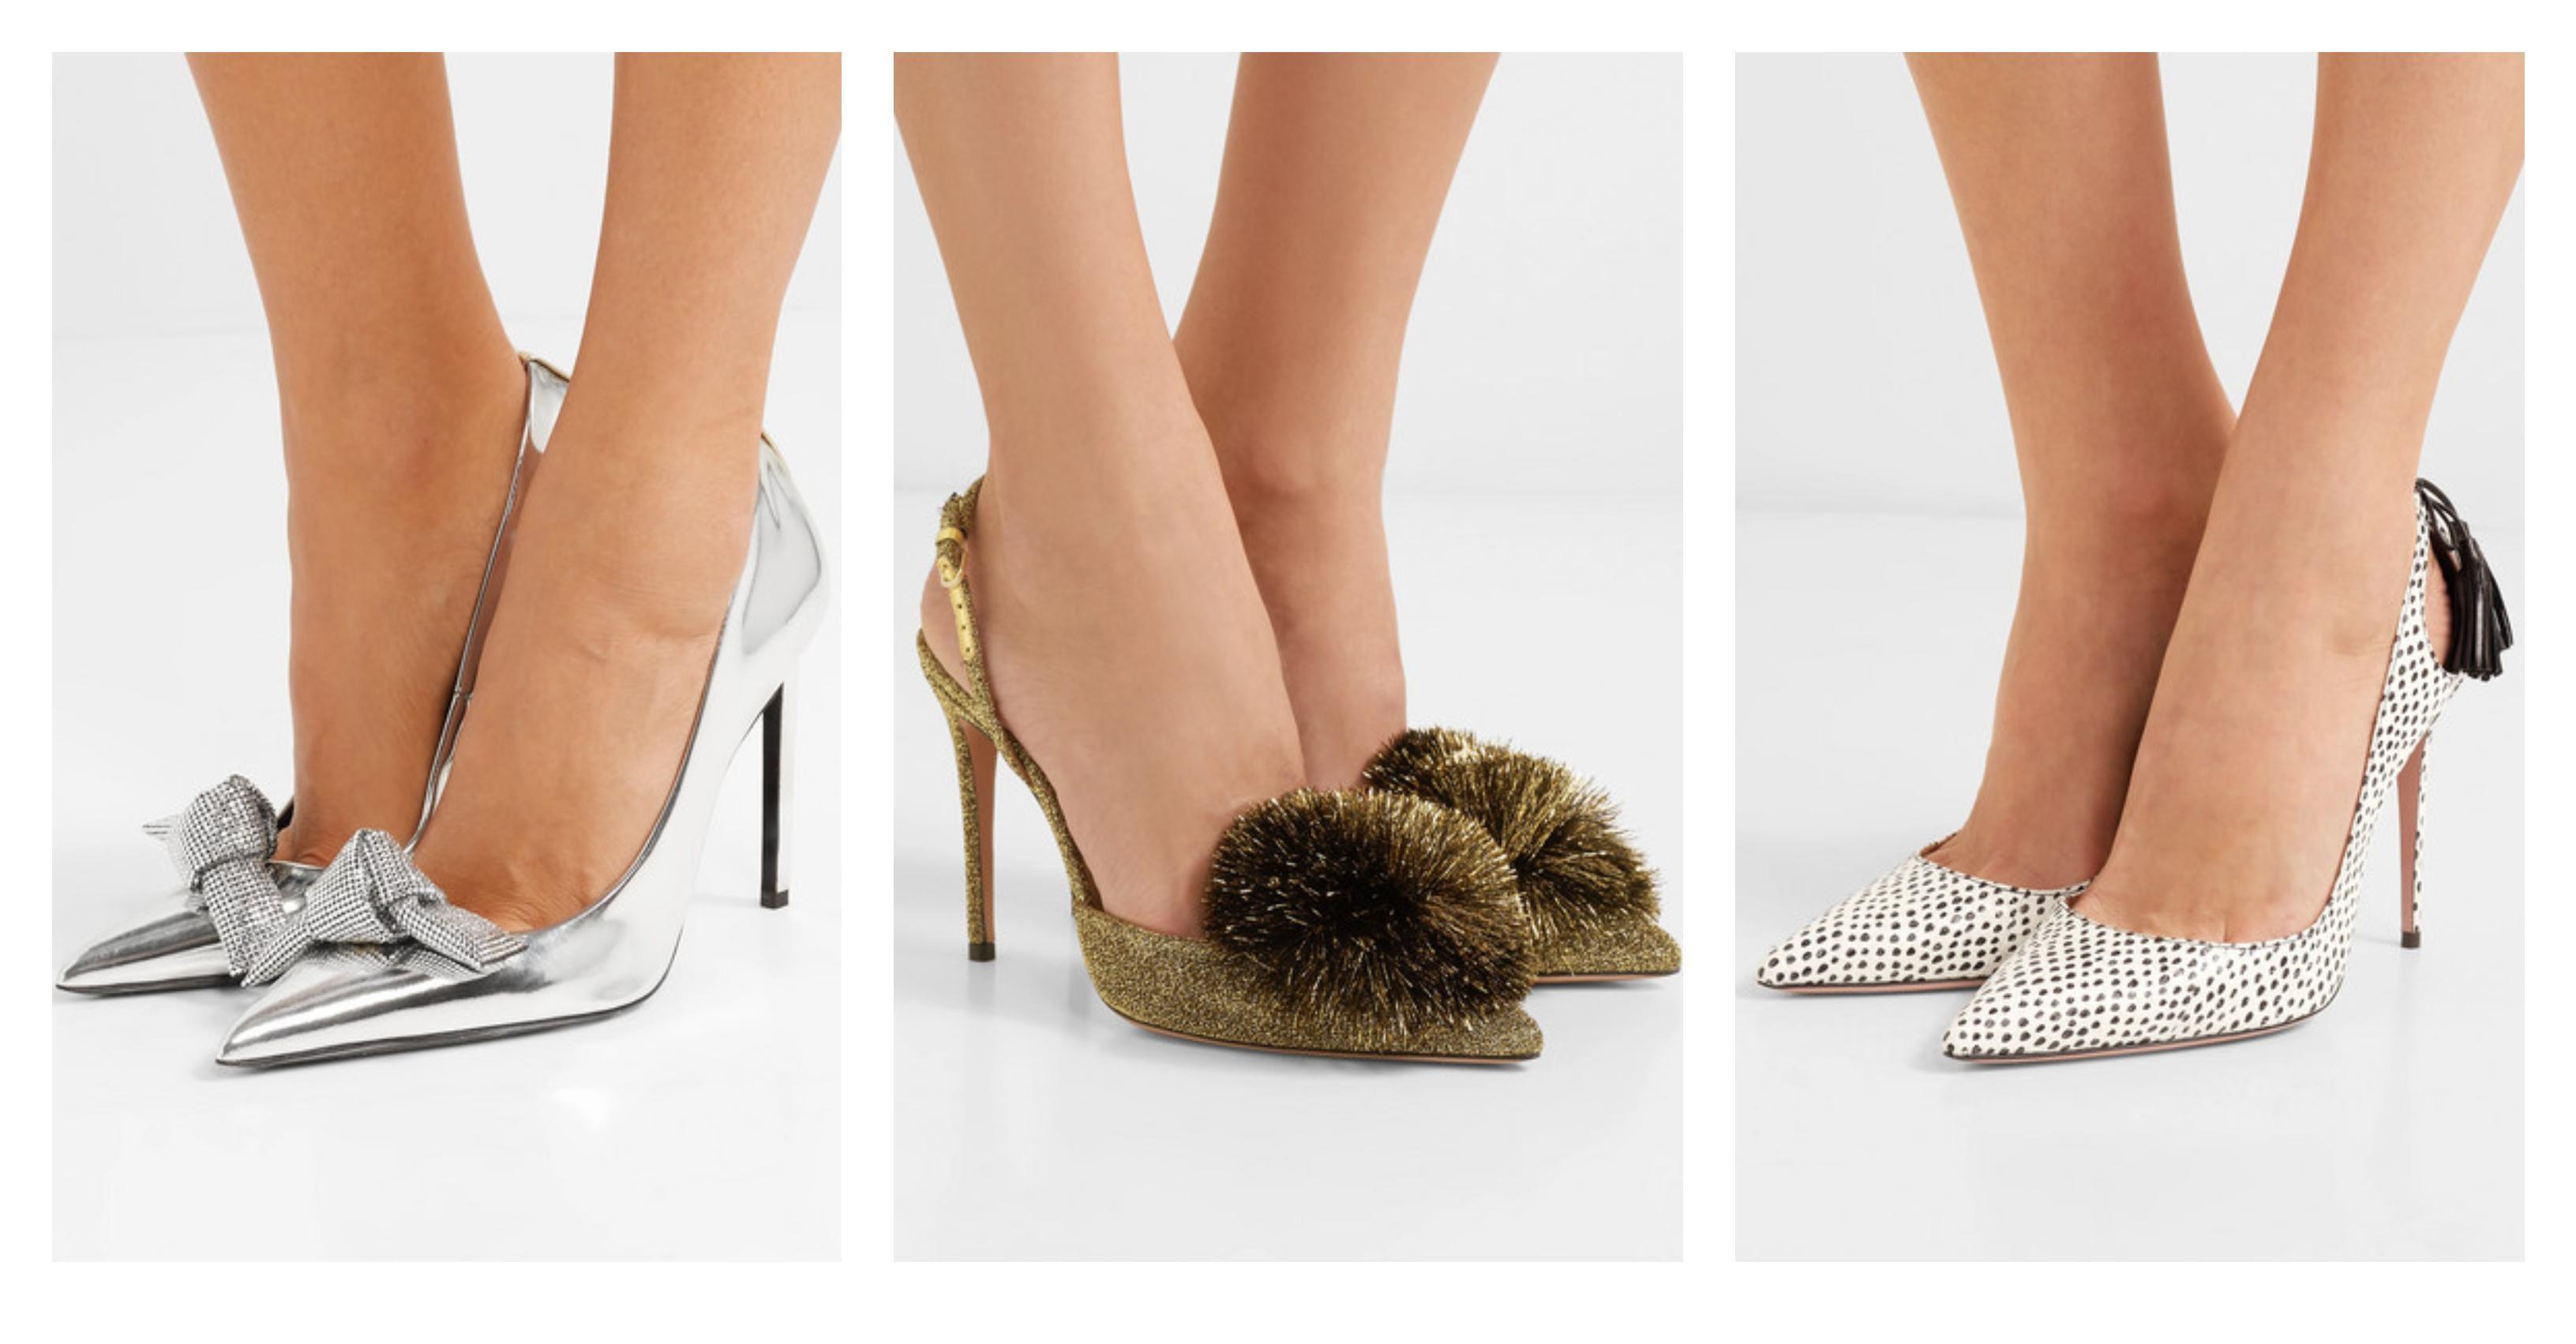 Tražite cipele za izlazak? Mi smo pronašli tako dobre modele da ne možemo odlučiti koji je bolji!